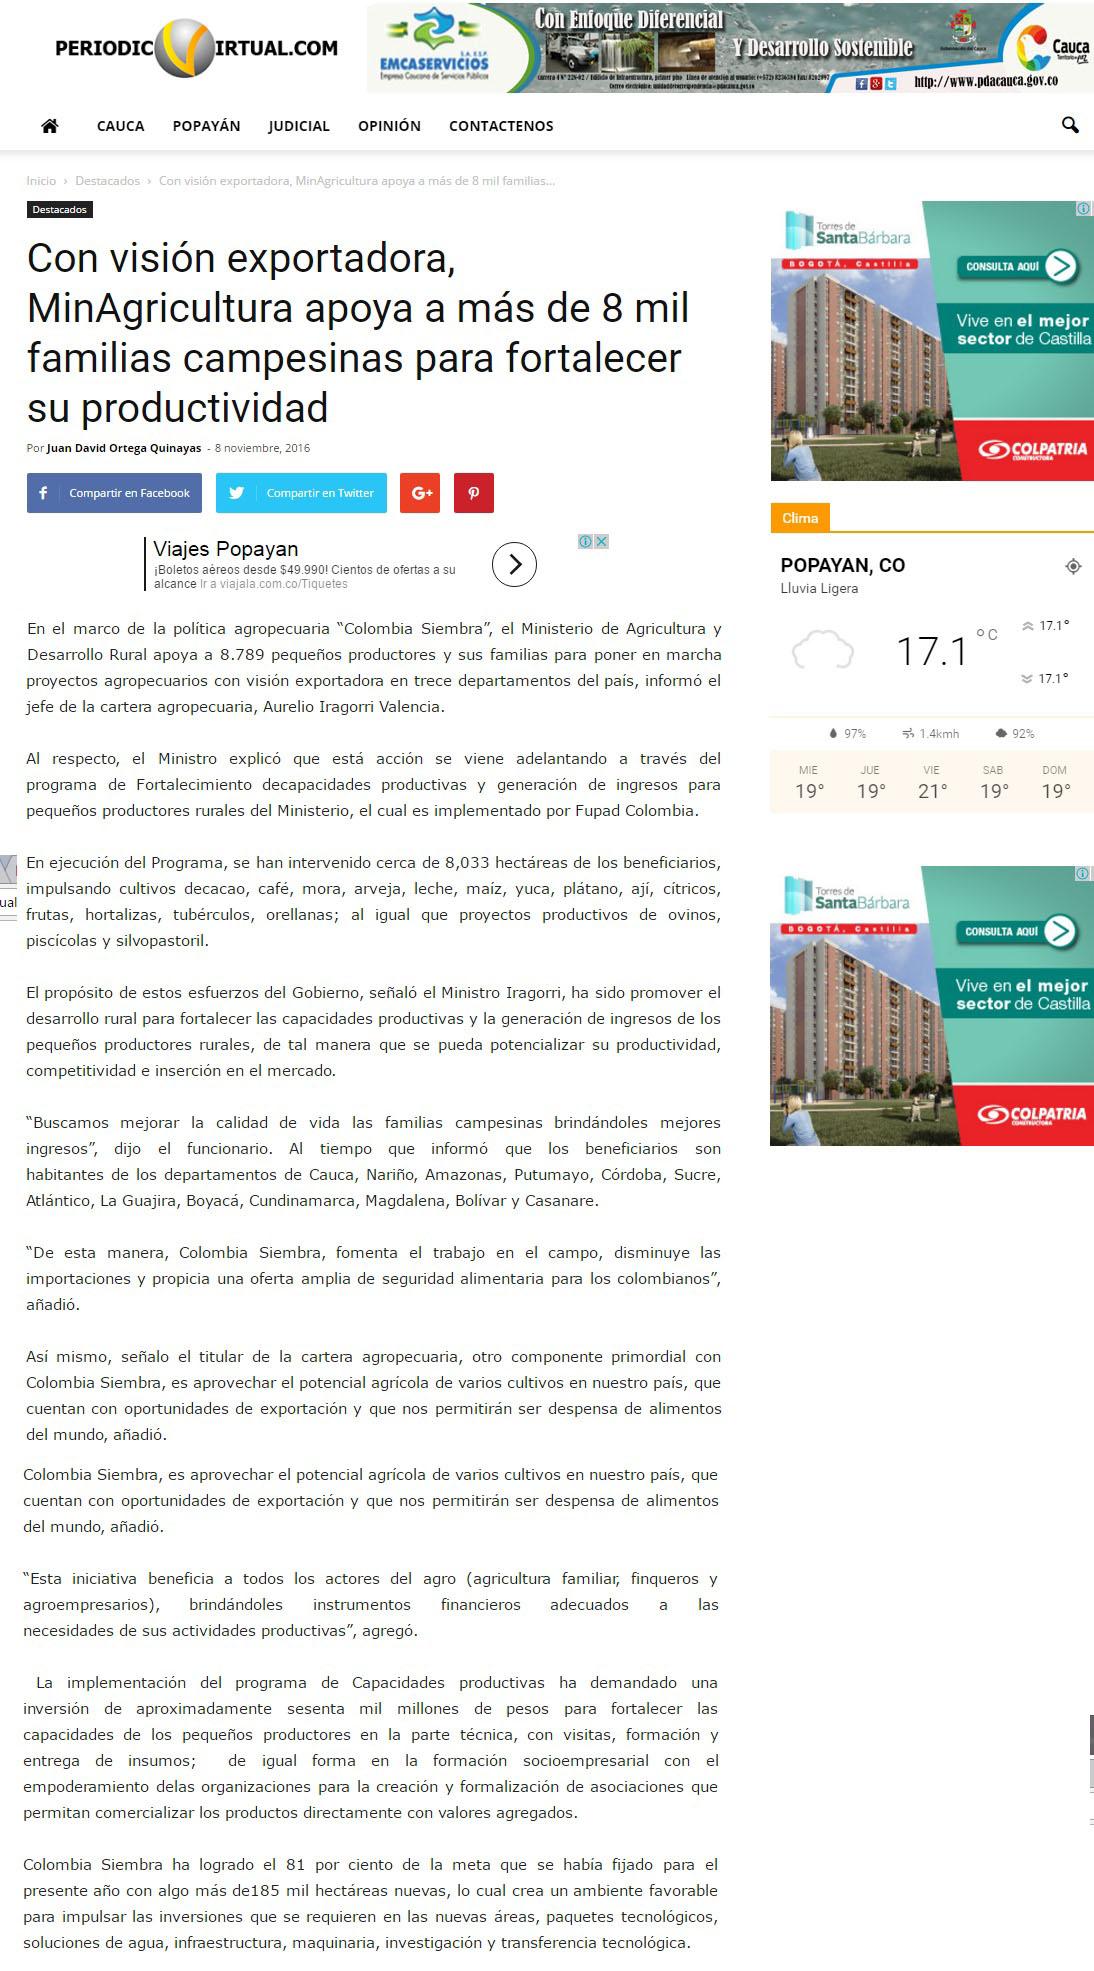 Periodico Virtual Cauca